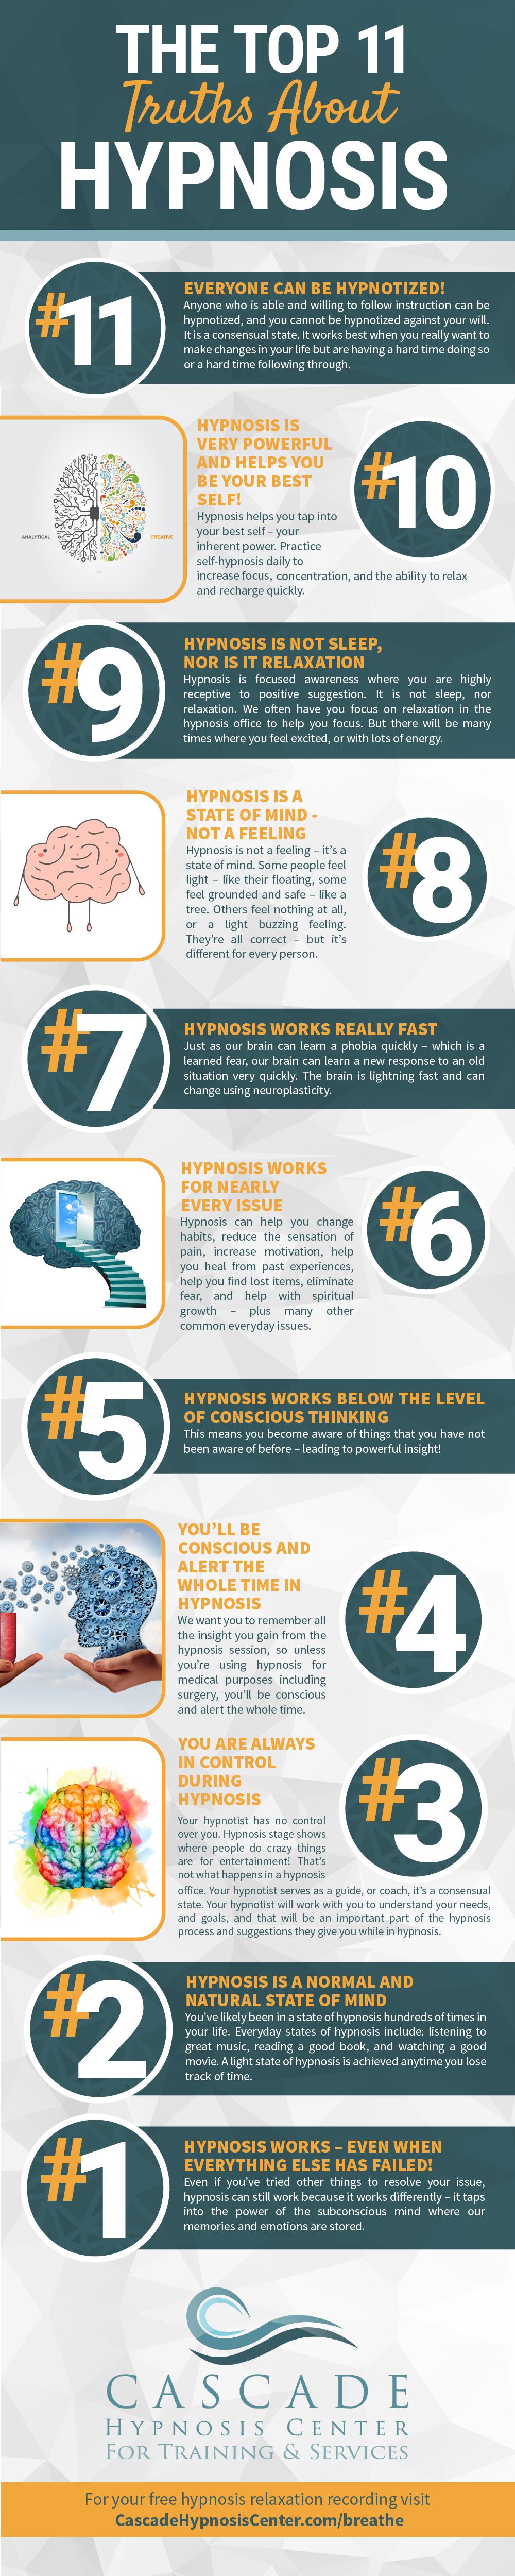 Hypnosis Blog — Cascade Hypnosis Center